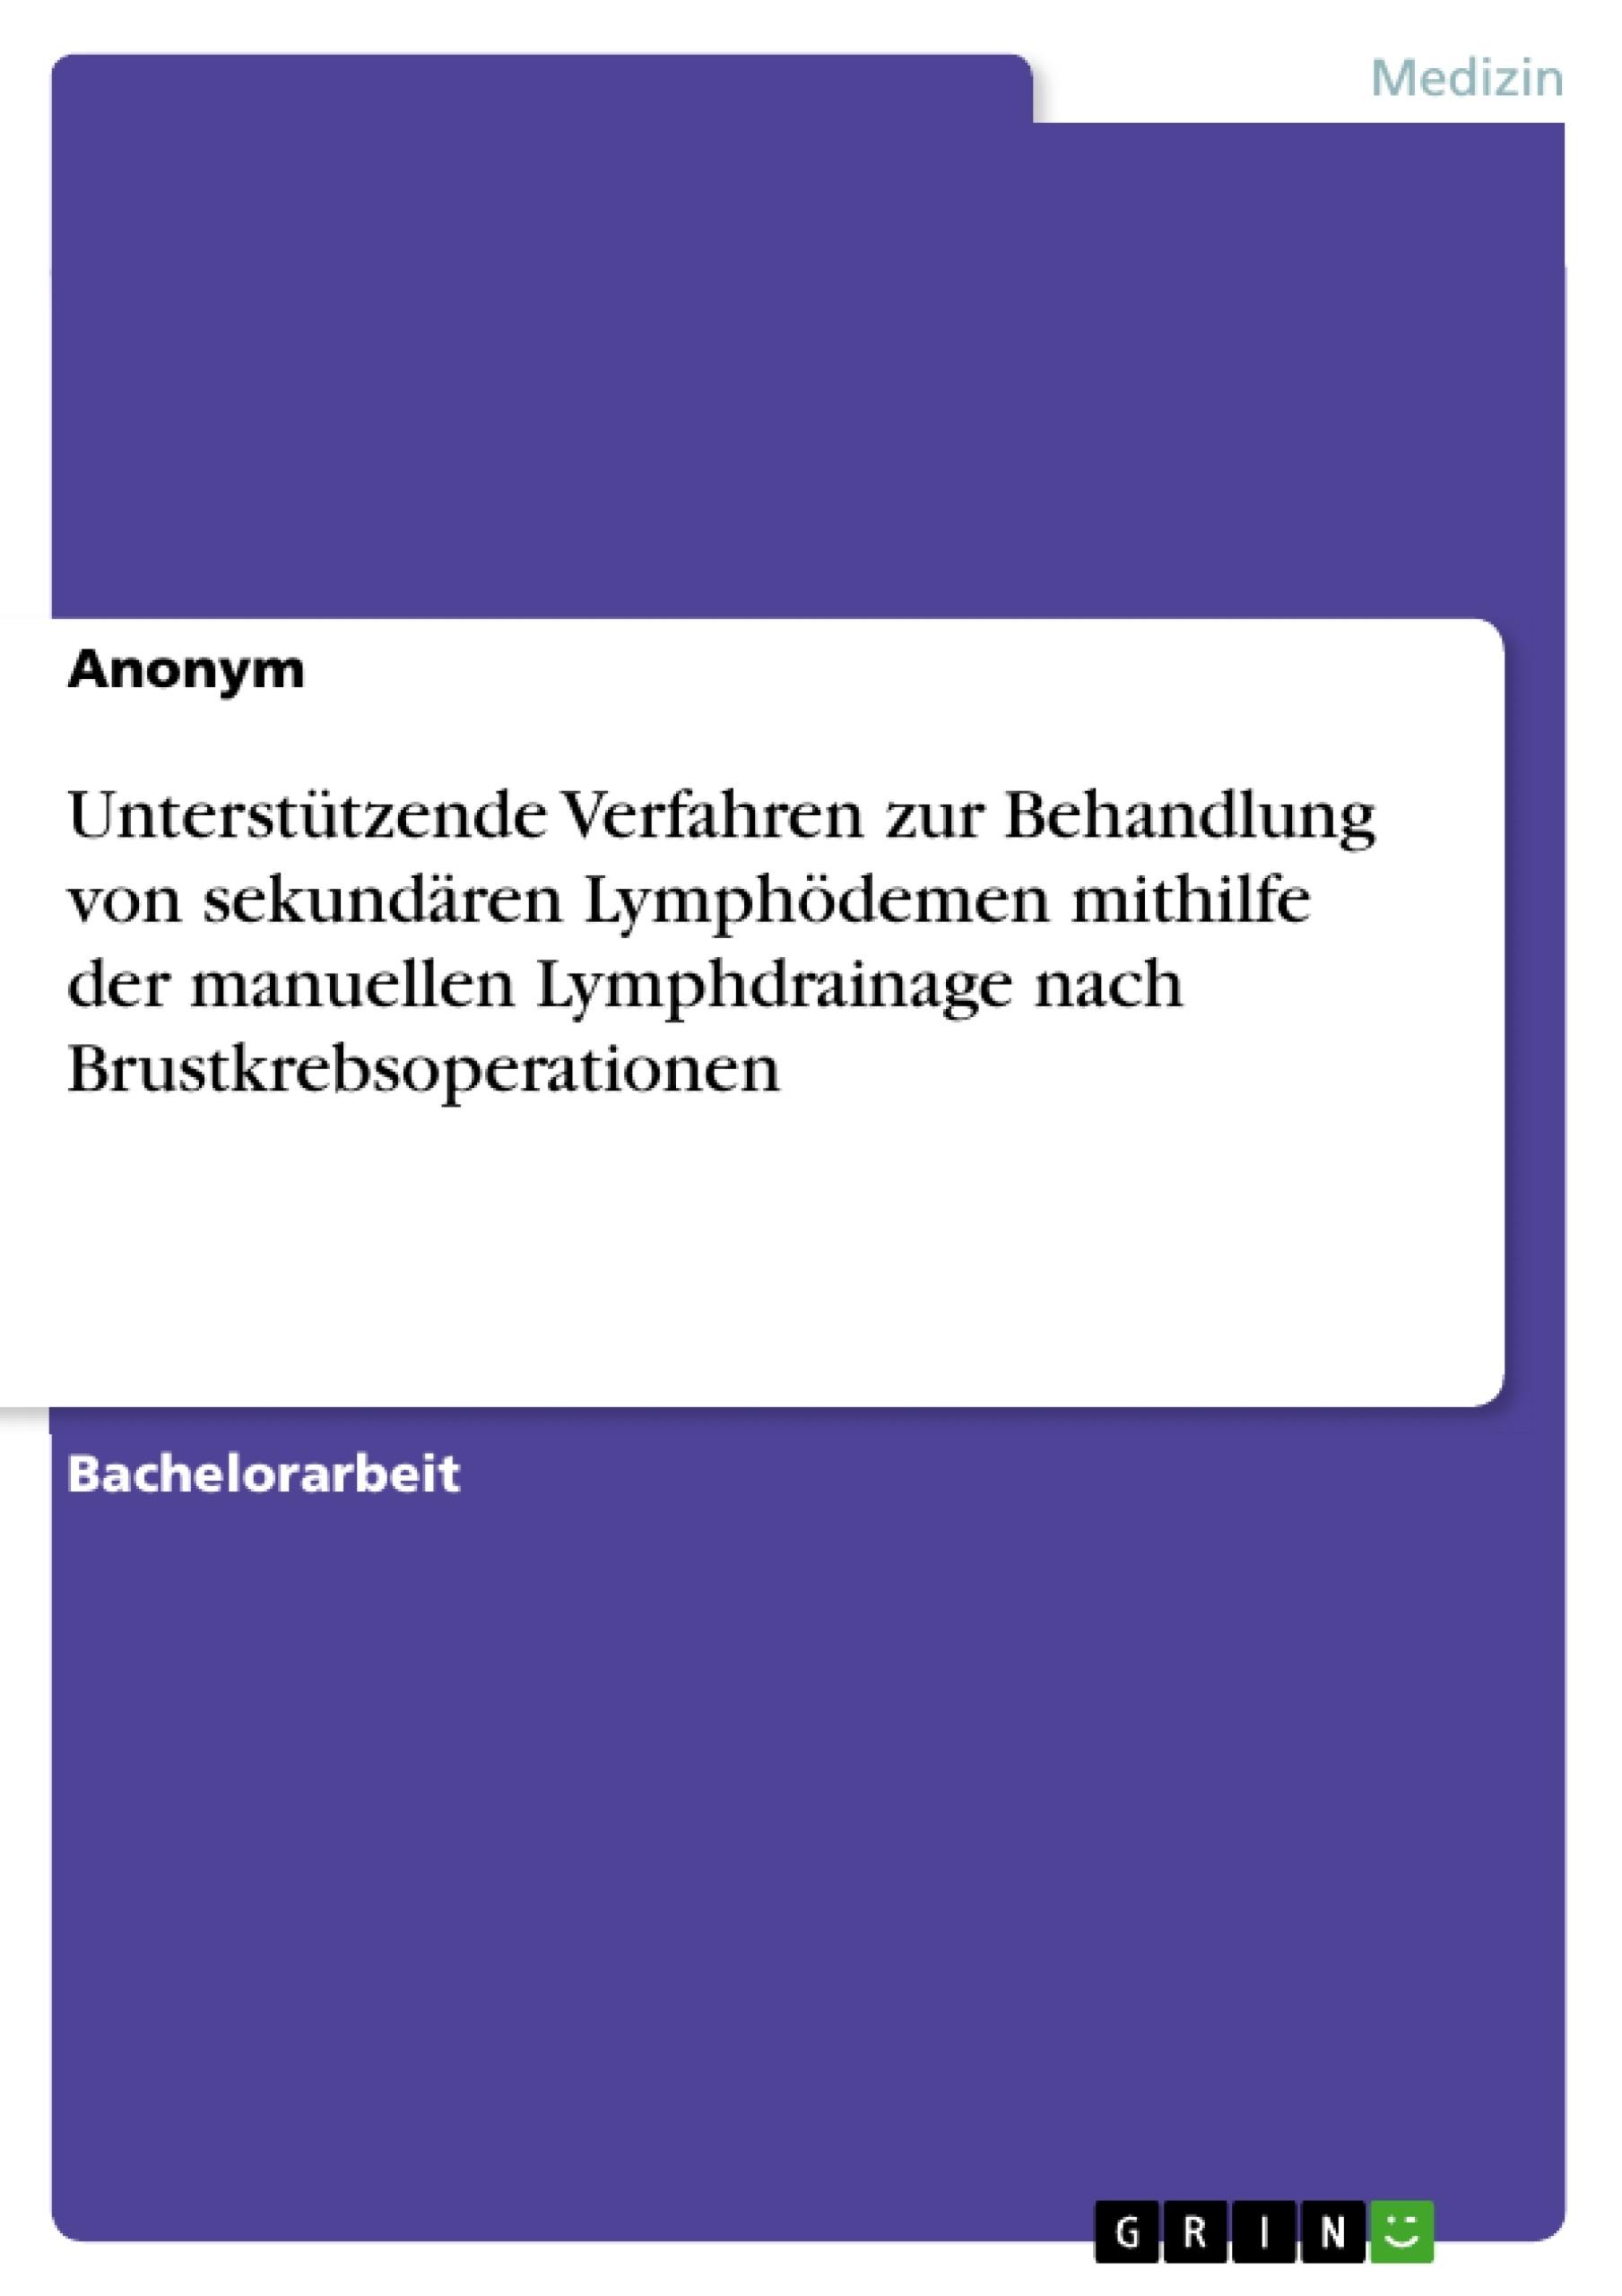 Titel: Unterstützende Verfahren zur Behandlung von sekundären Lymphödemen mithilfe der manuellen Lymphdrainage nach Brustkrebsoperationen